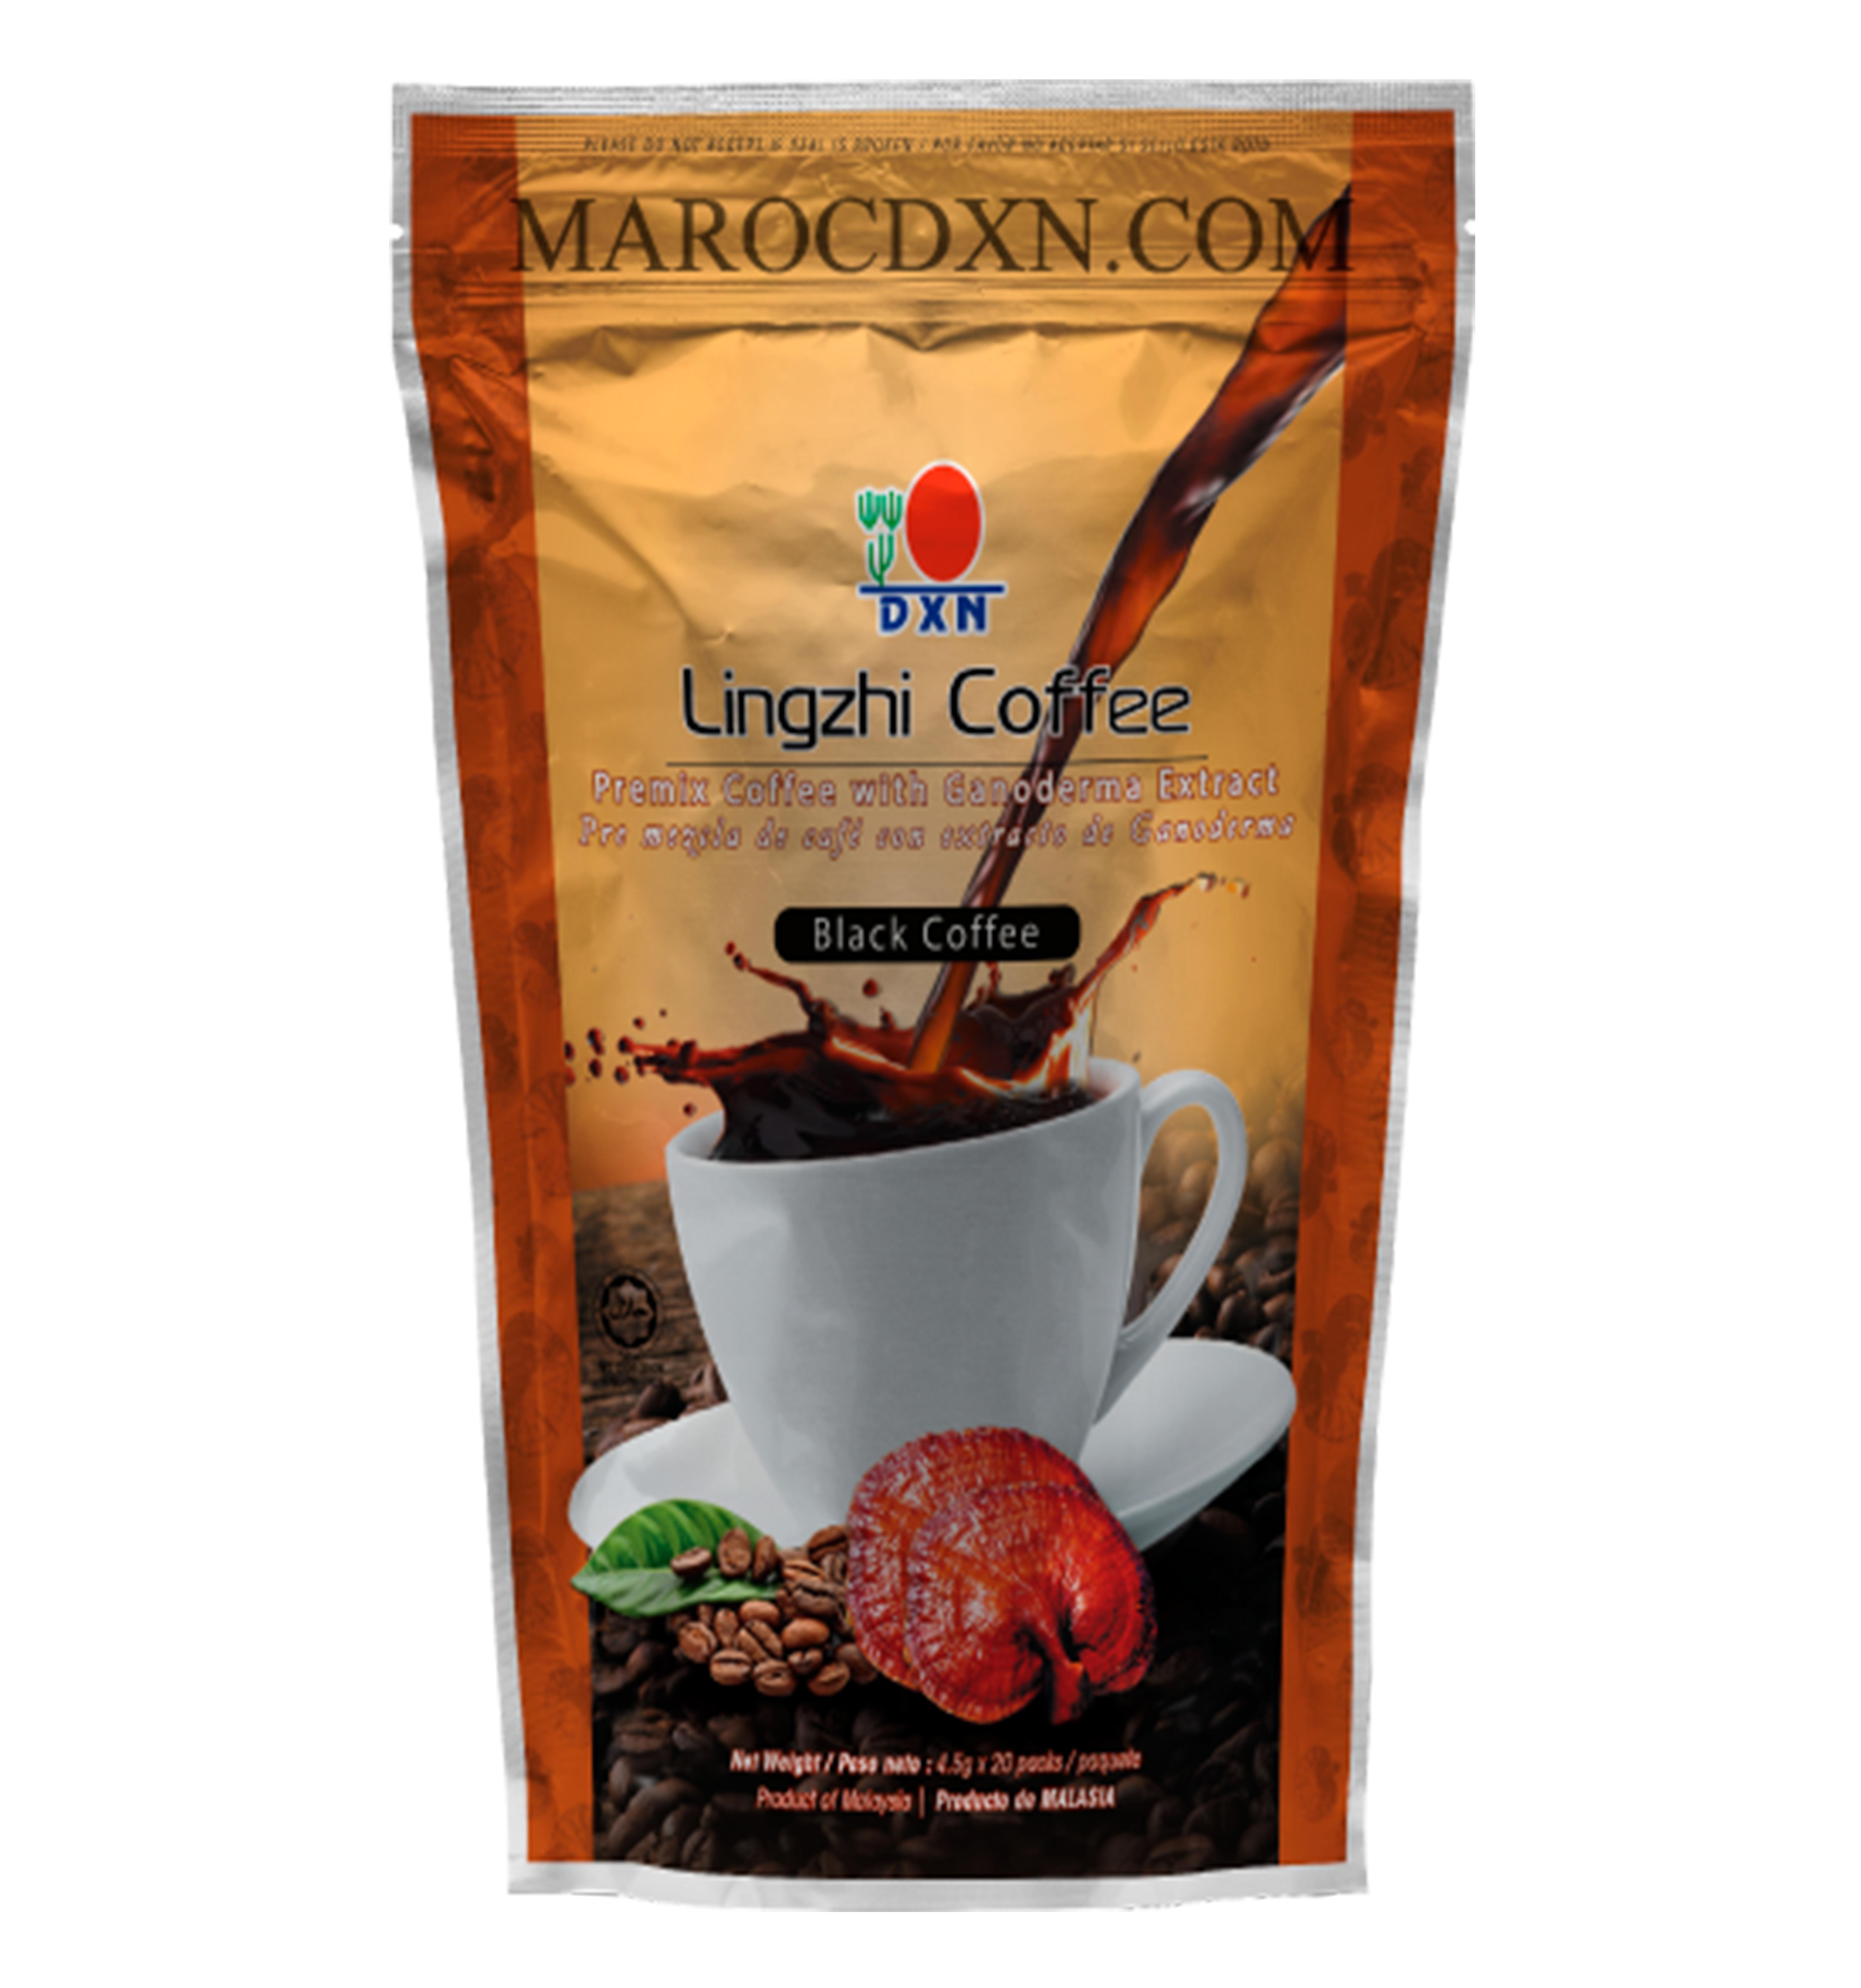 قهوة لينجزي السوداء Marocdxn Maroc Dxn